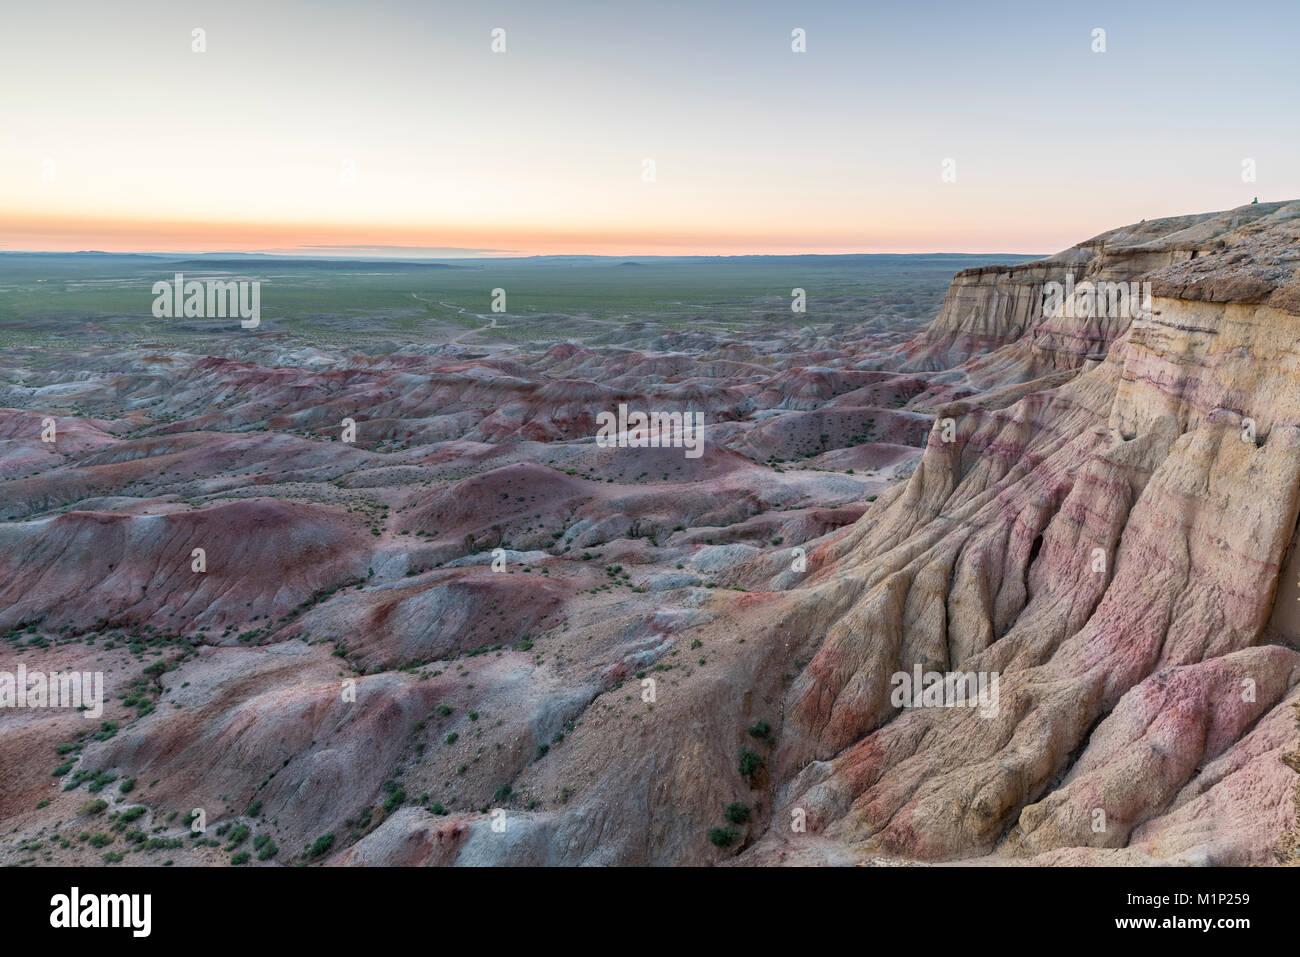 Stupa blanco formaciones de roca sedimentaria en el atardecer, Ulziit Oriente, provincia de Gobi, Mongolia, Asia Imagen De Stock